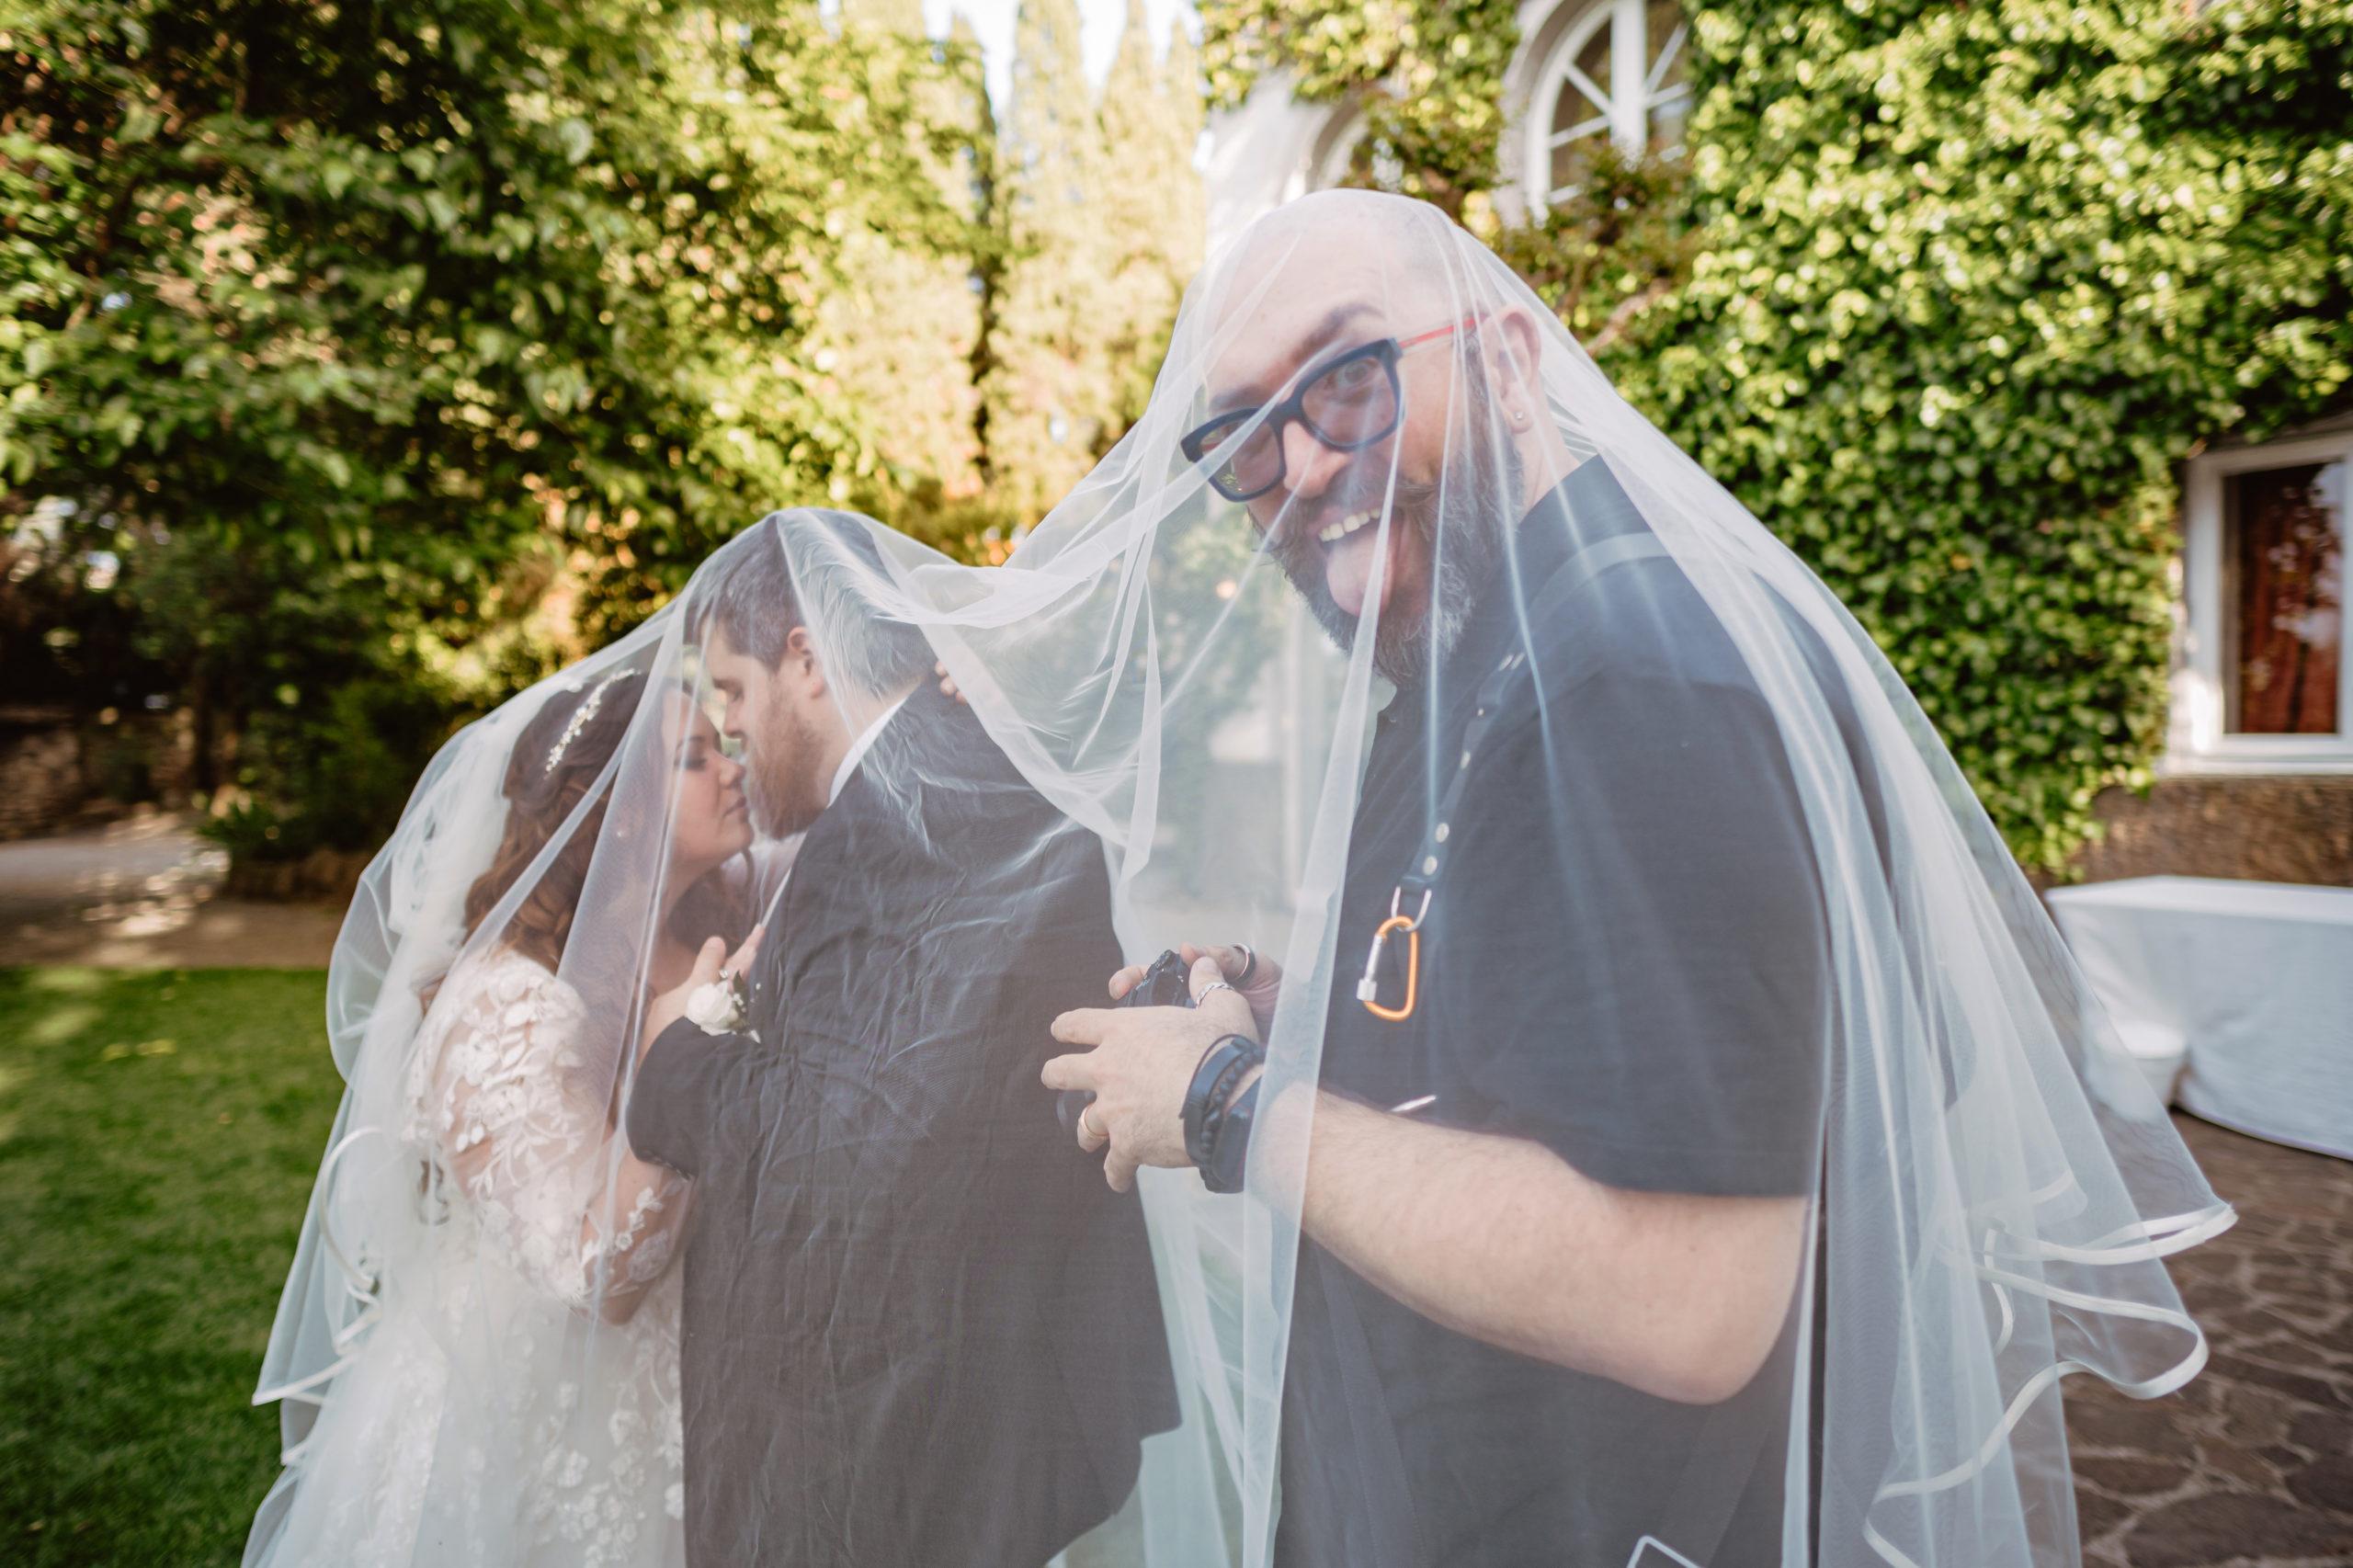 miglior fotografo di matrimonio a roma